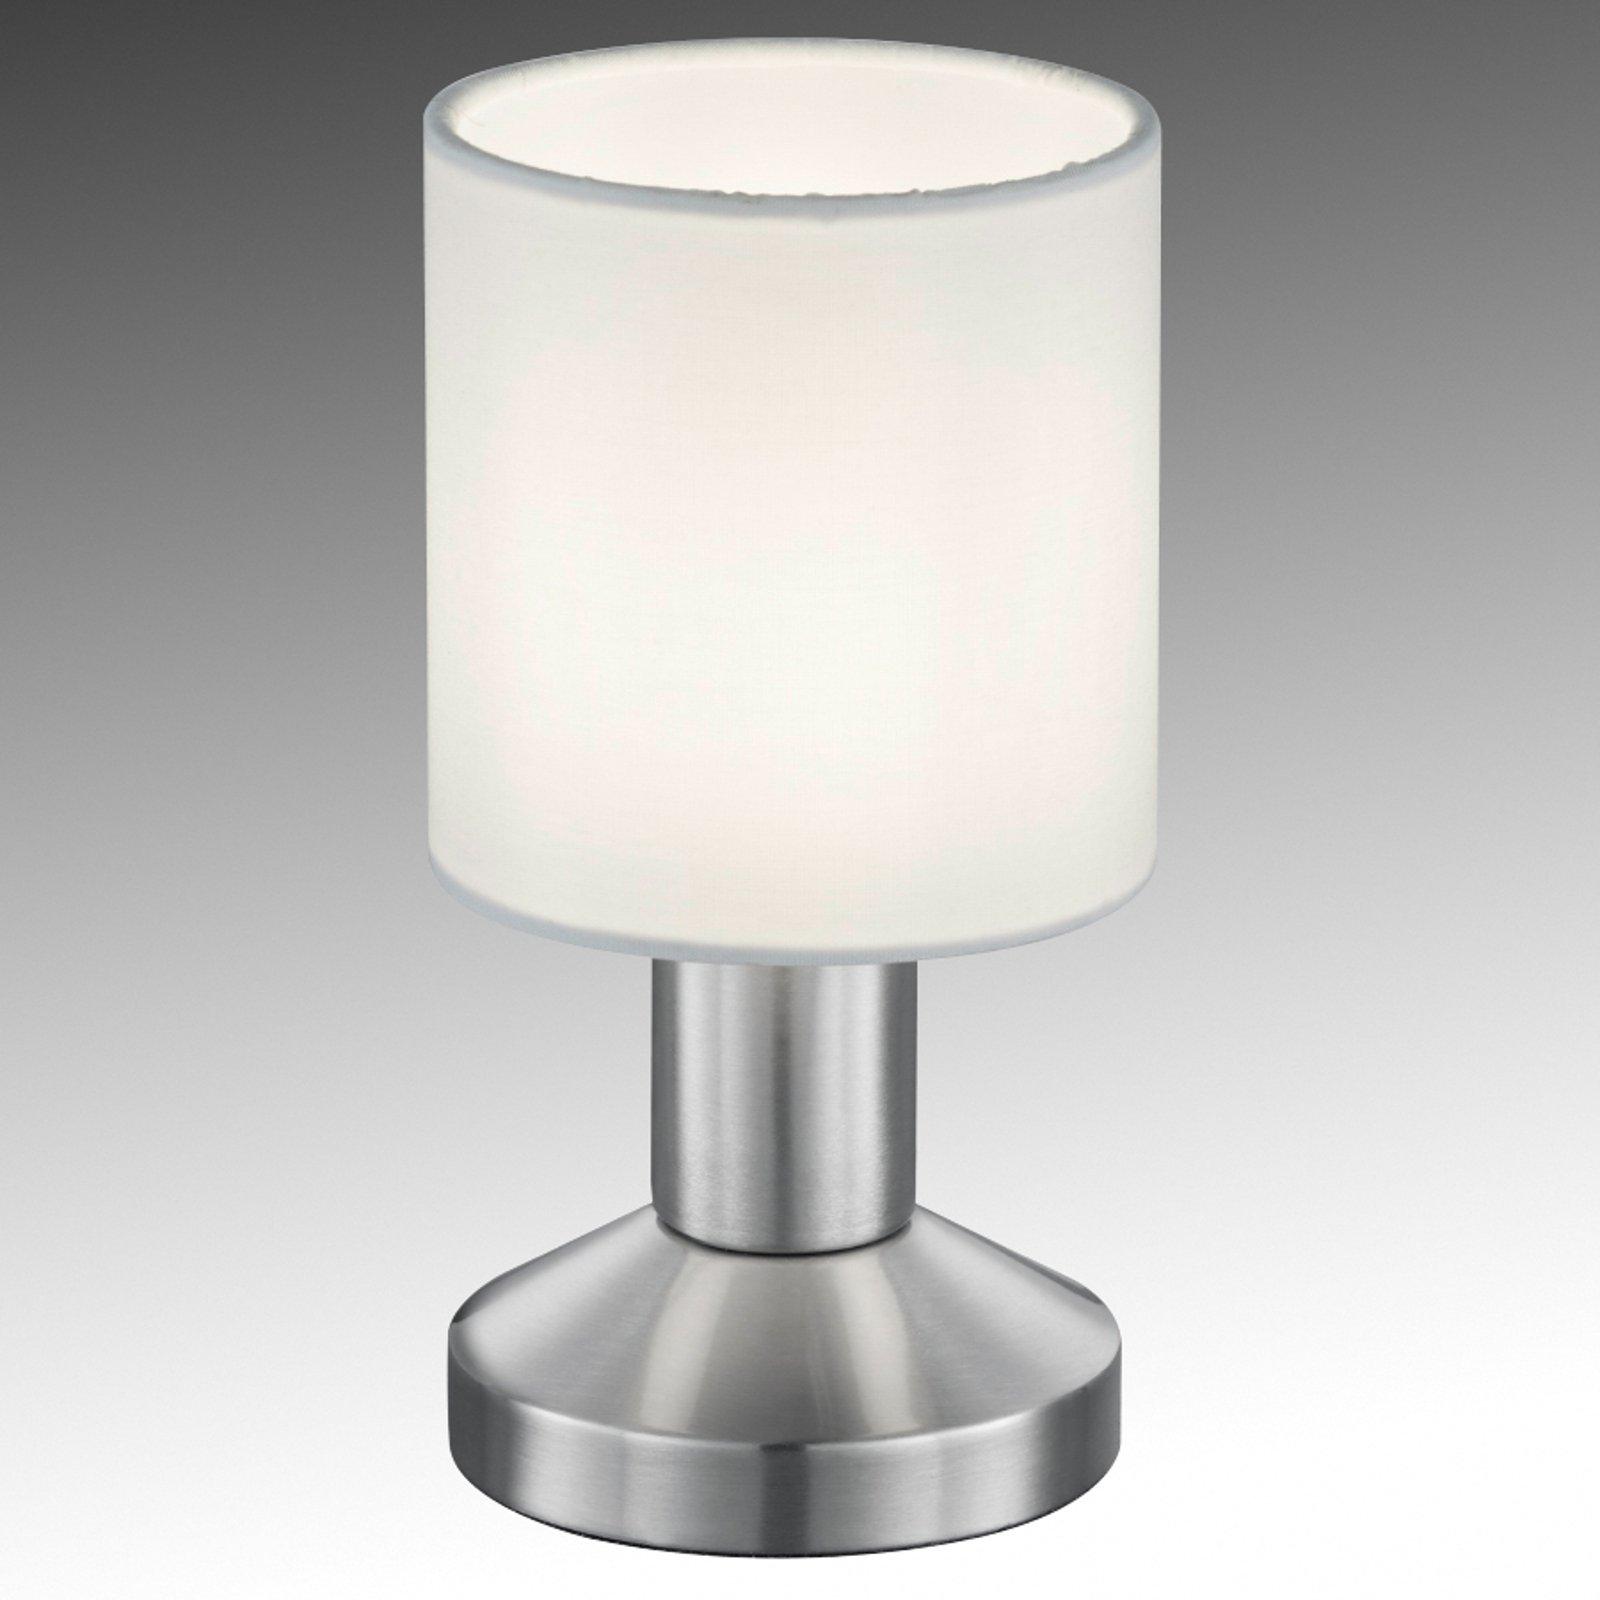 Tekstil-bordlampe Garda med hvit skjerm